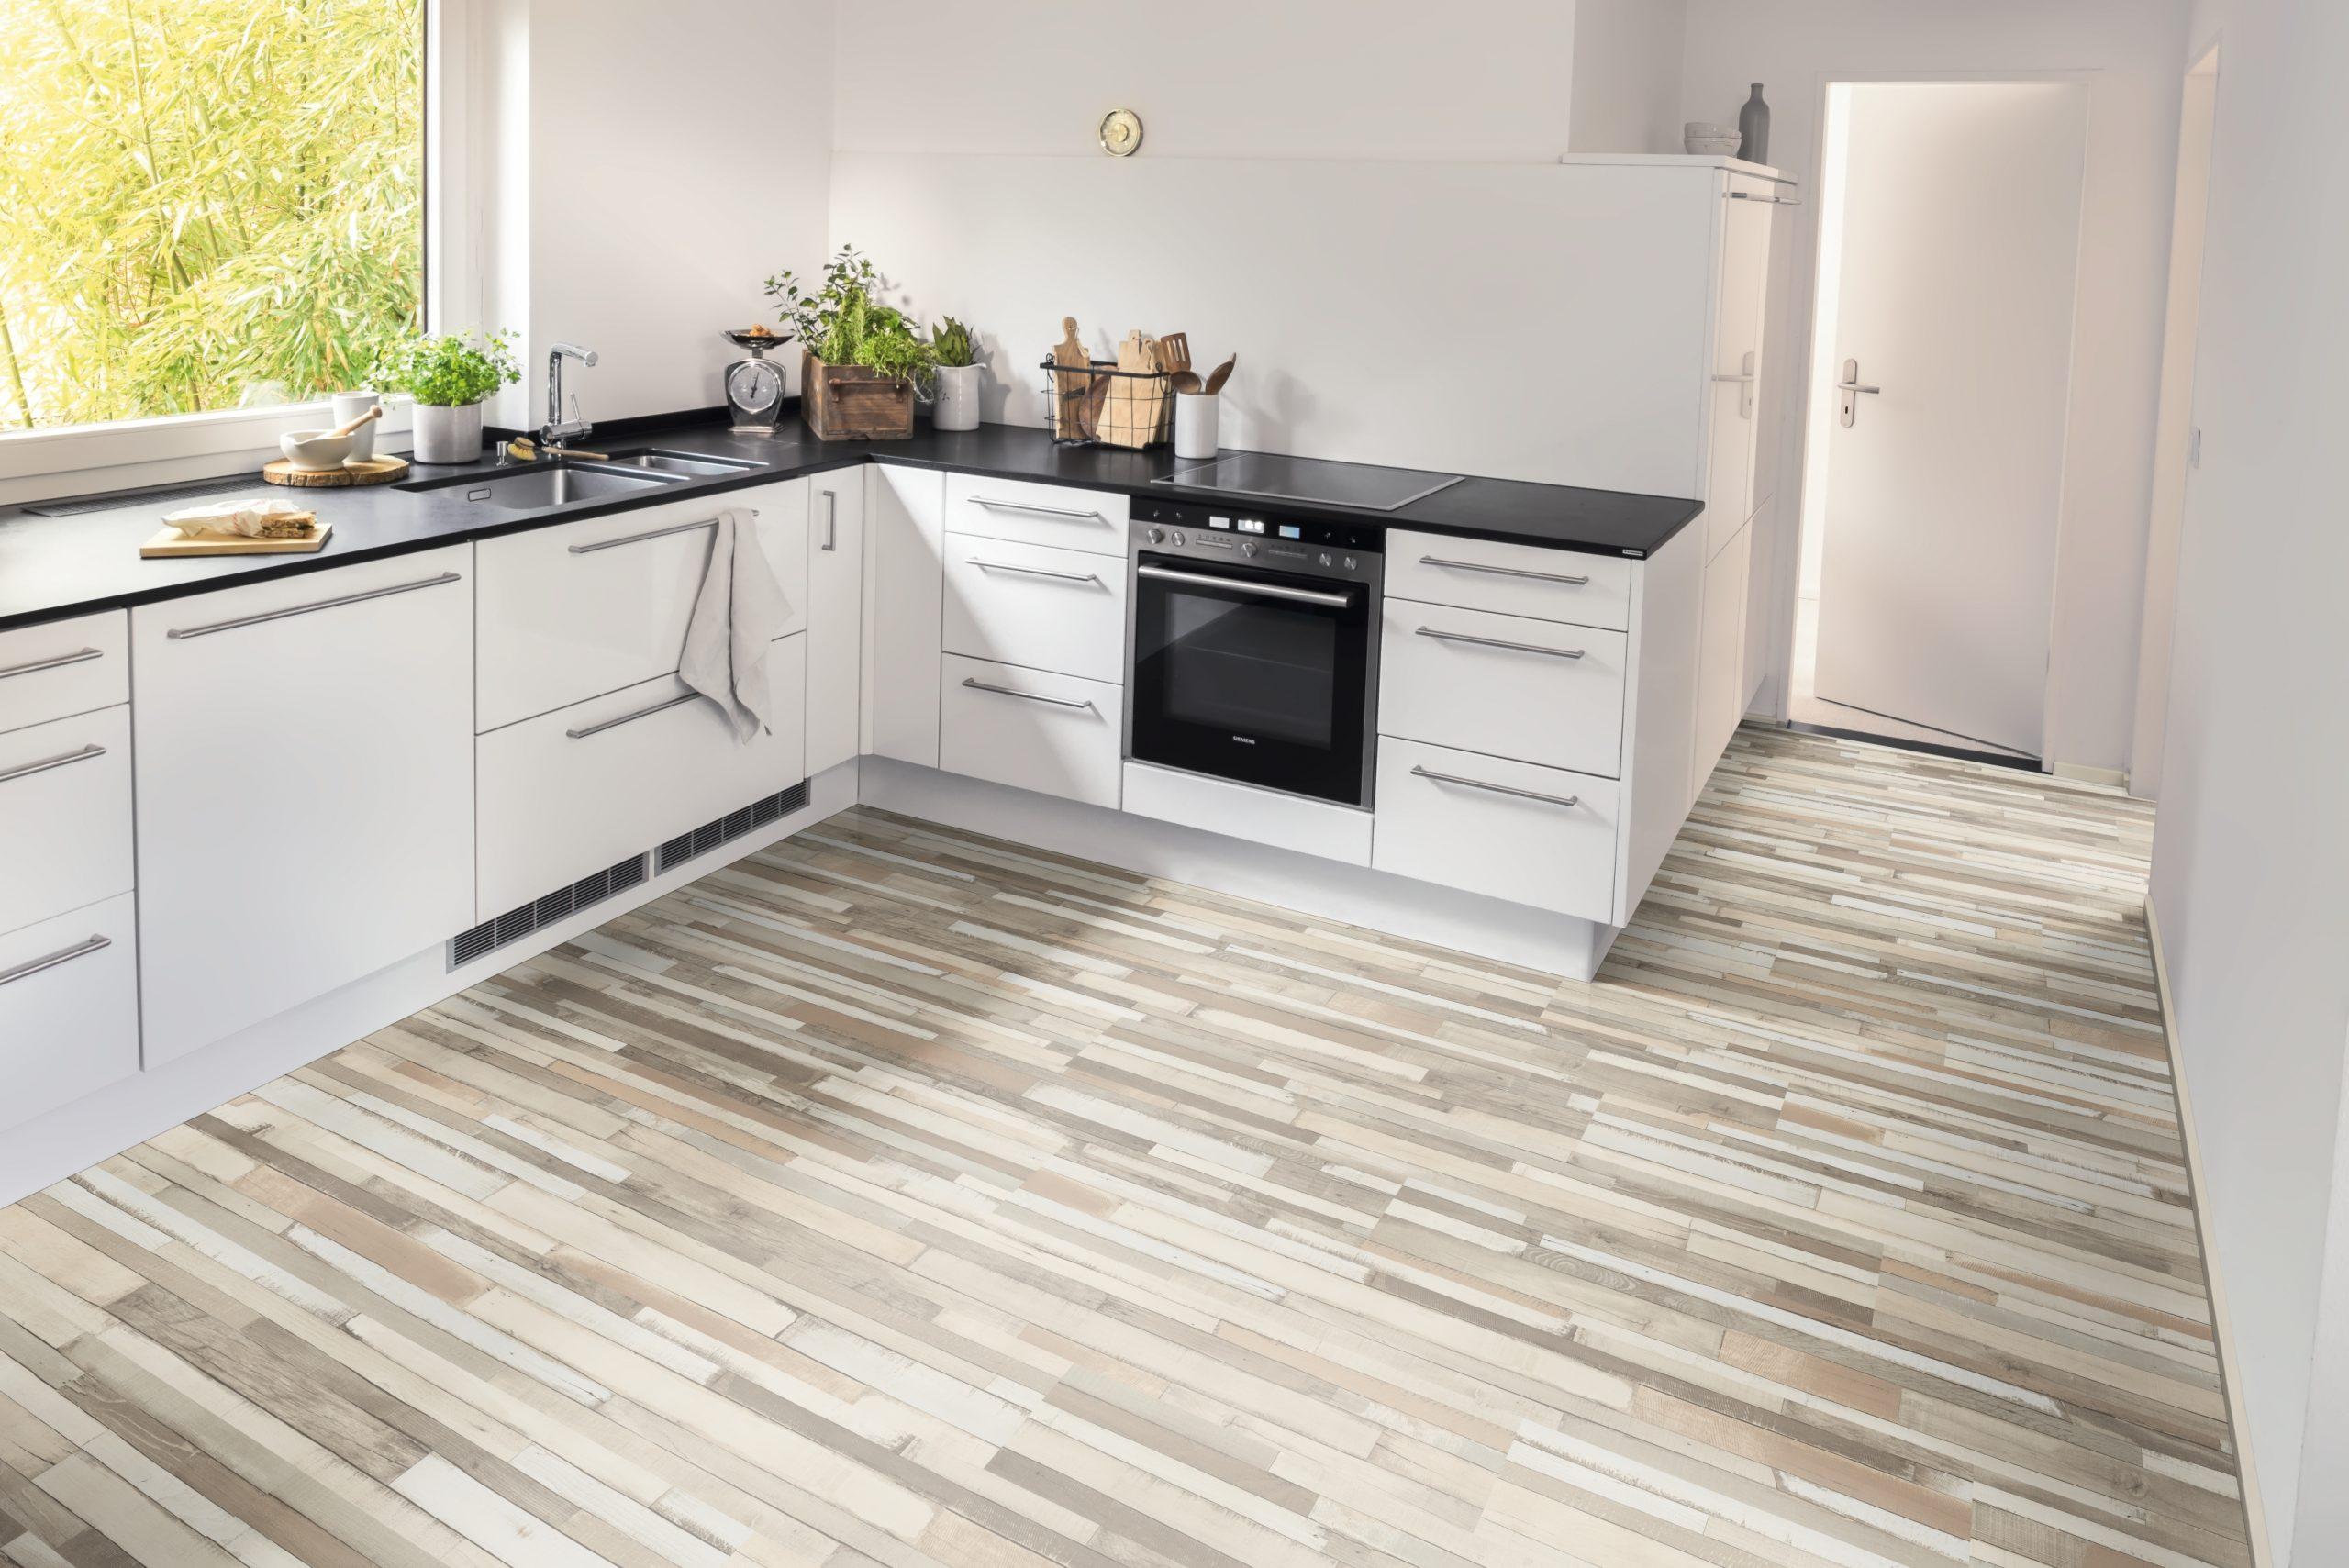 Full Size of Egger Home Laminate Flooring Küche Bodenbelag Küche